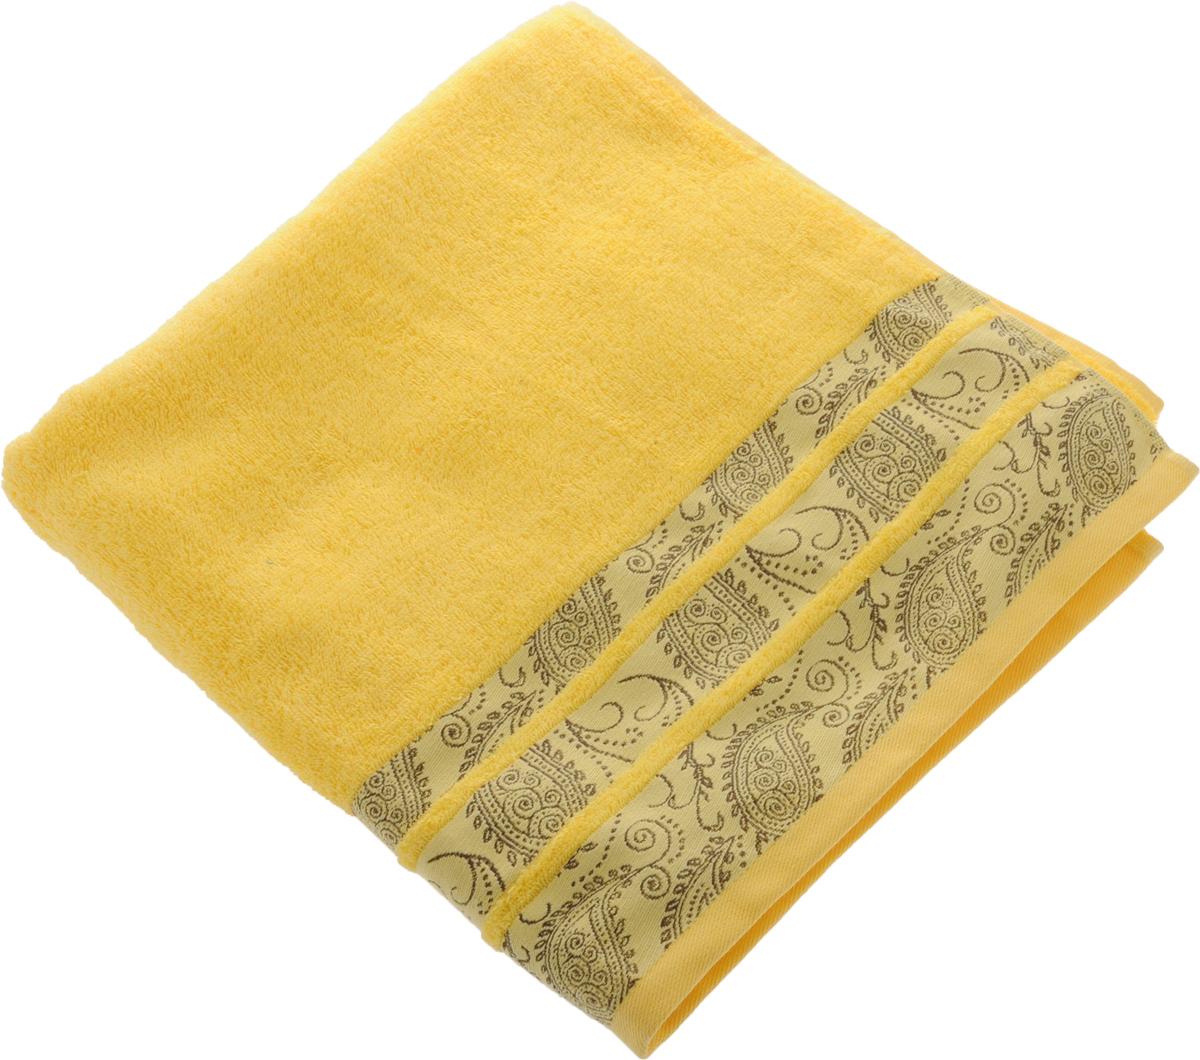 Полотенце Soavita Luxury. Almond, цвет: желтый, коричневый, 70 х 140 см61091Полотенце Soavita Luxury. Almond выполнено из 100% хлопка. Изделие отлично впитывает влагу, быстро сохнет, сохраняет яркость цвета и не теряет форму даже после многократных стирок. Полотенце очень практично и неприхотливо в уходе. Оно создаст прекрасное настроение и украсит интерьер в ванной комнате.